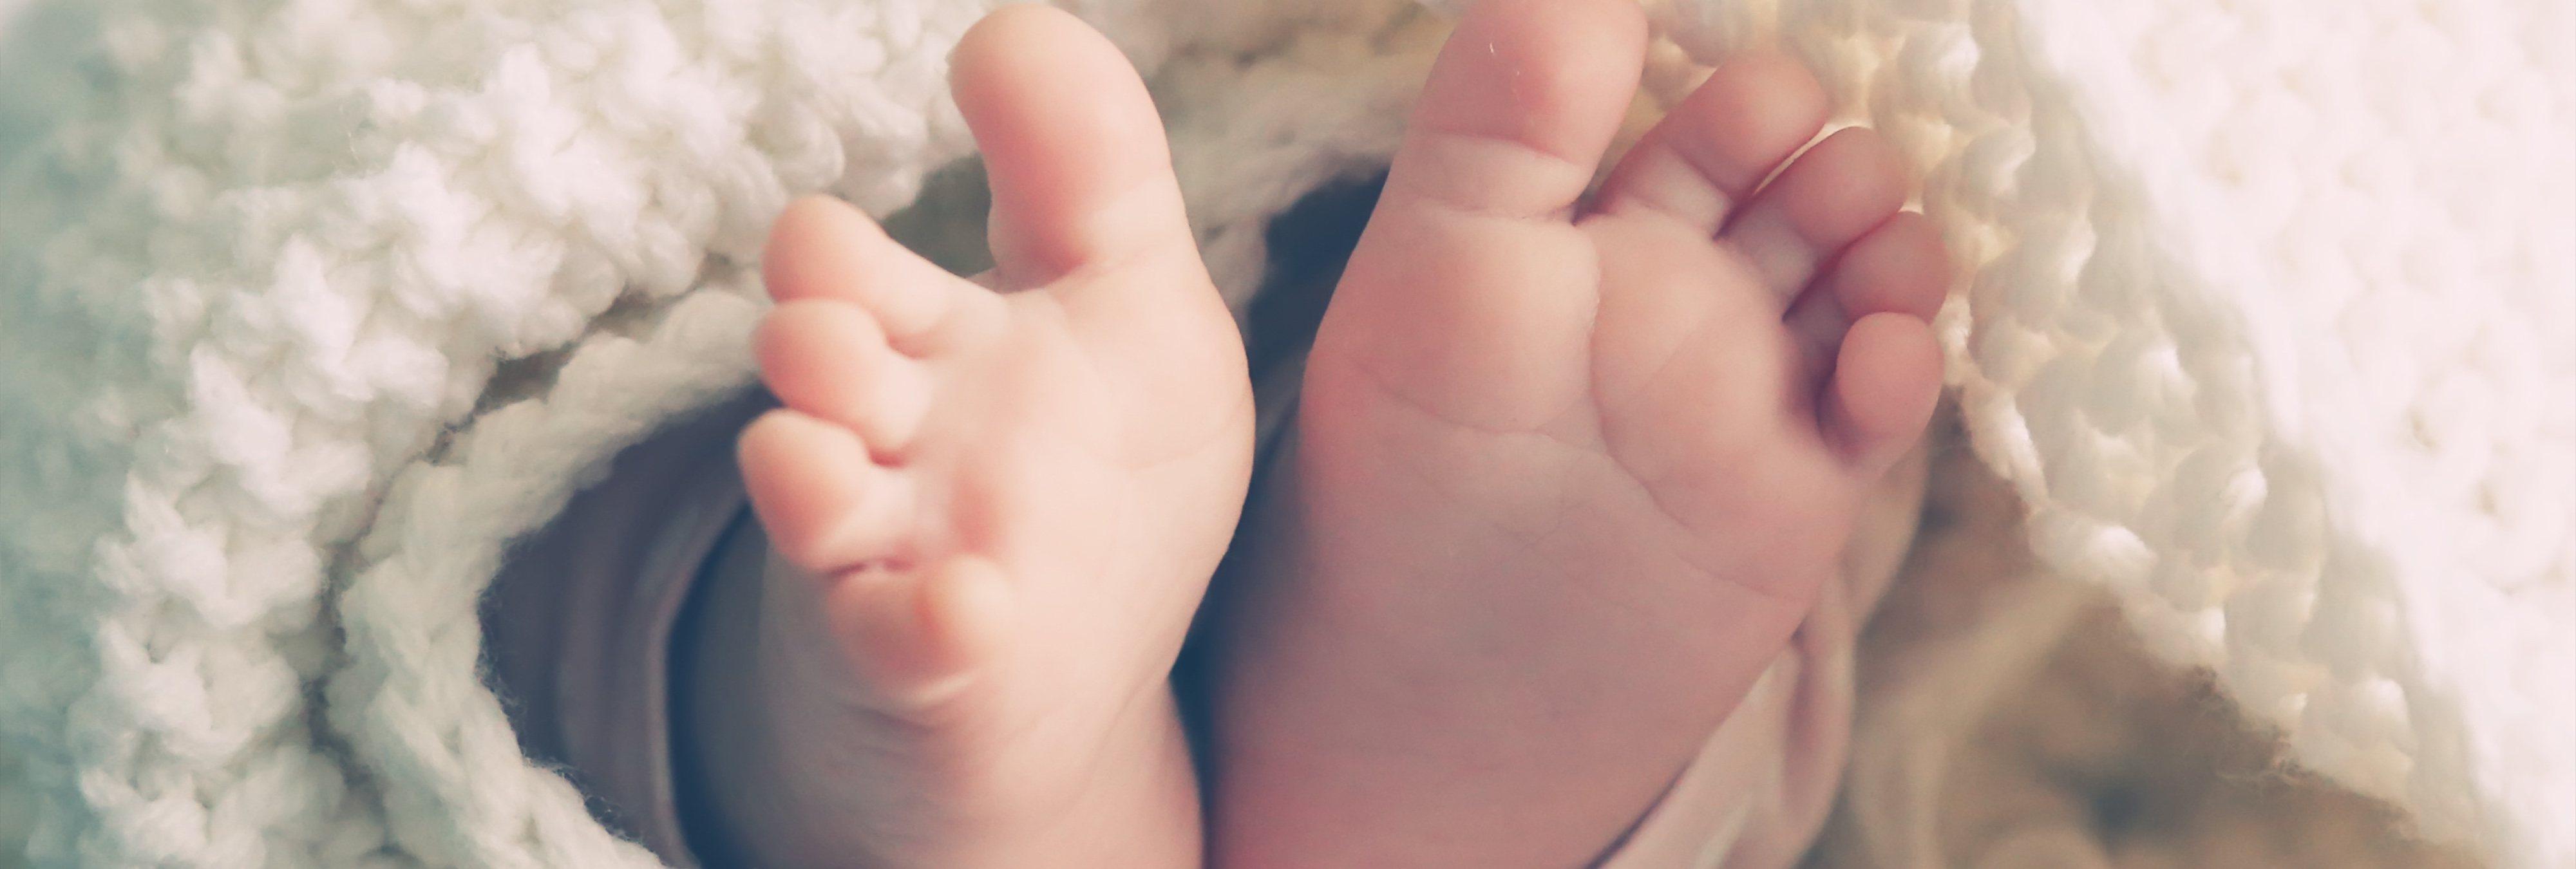 """Una niña de 10 años destroza a golpes el cráneo de un bebé de seis meses porque """"lloraba"""""""